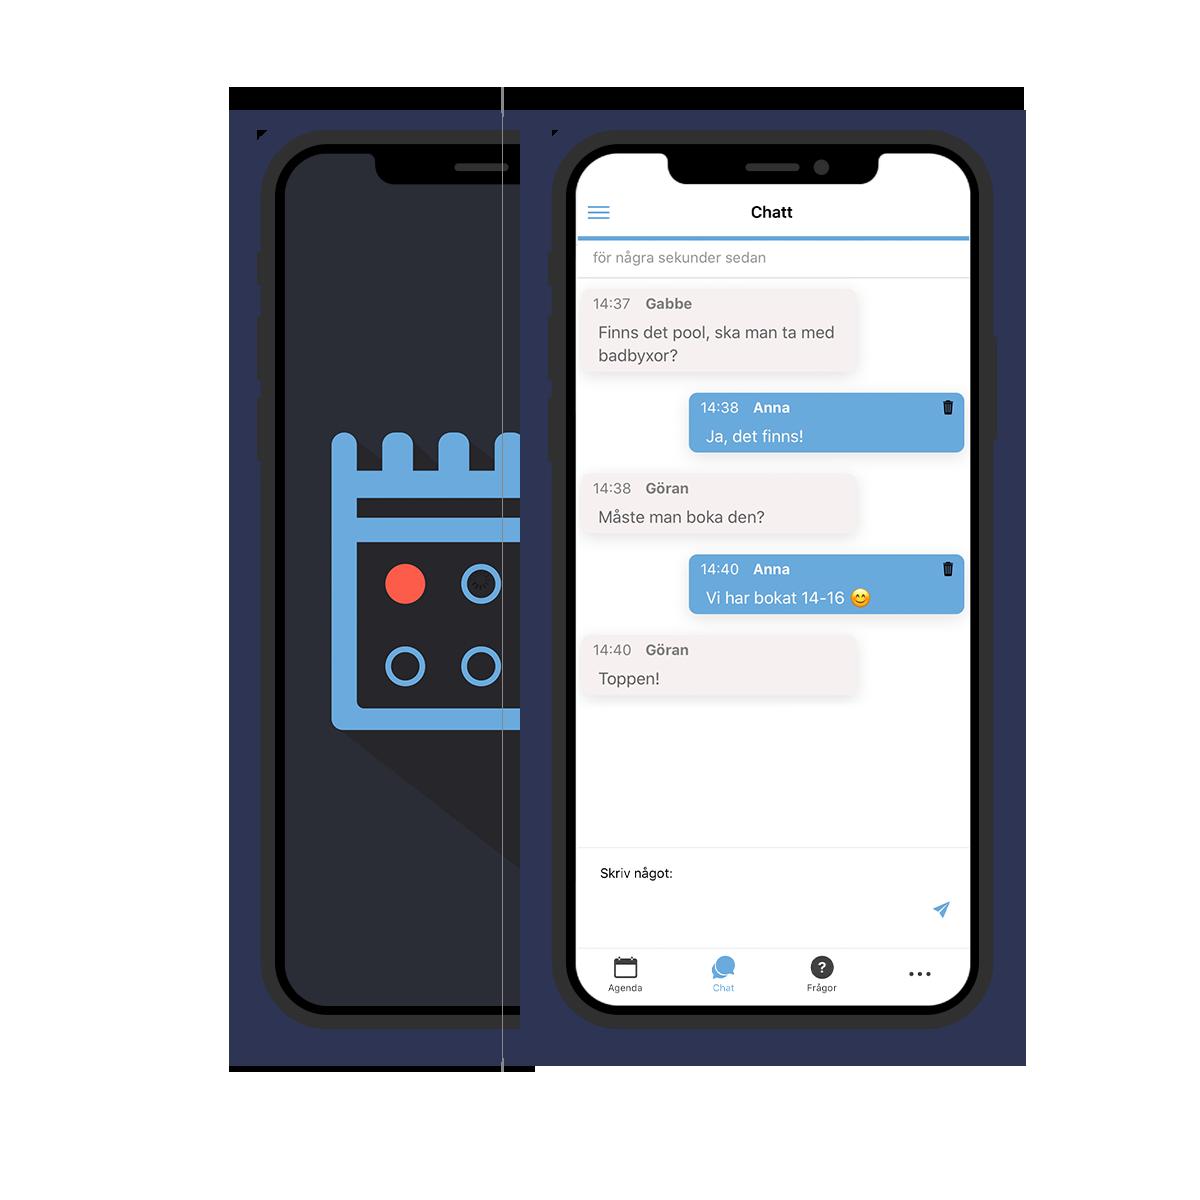 Agendan, en app med chattfunktion, schema, dokumentstöd, och underlättar er speciella tillställning.